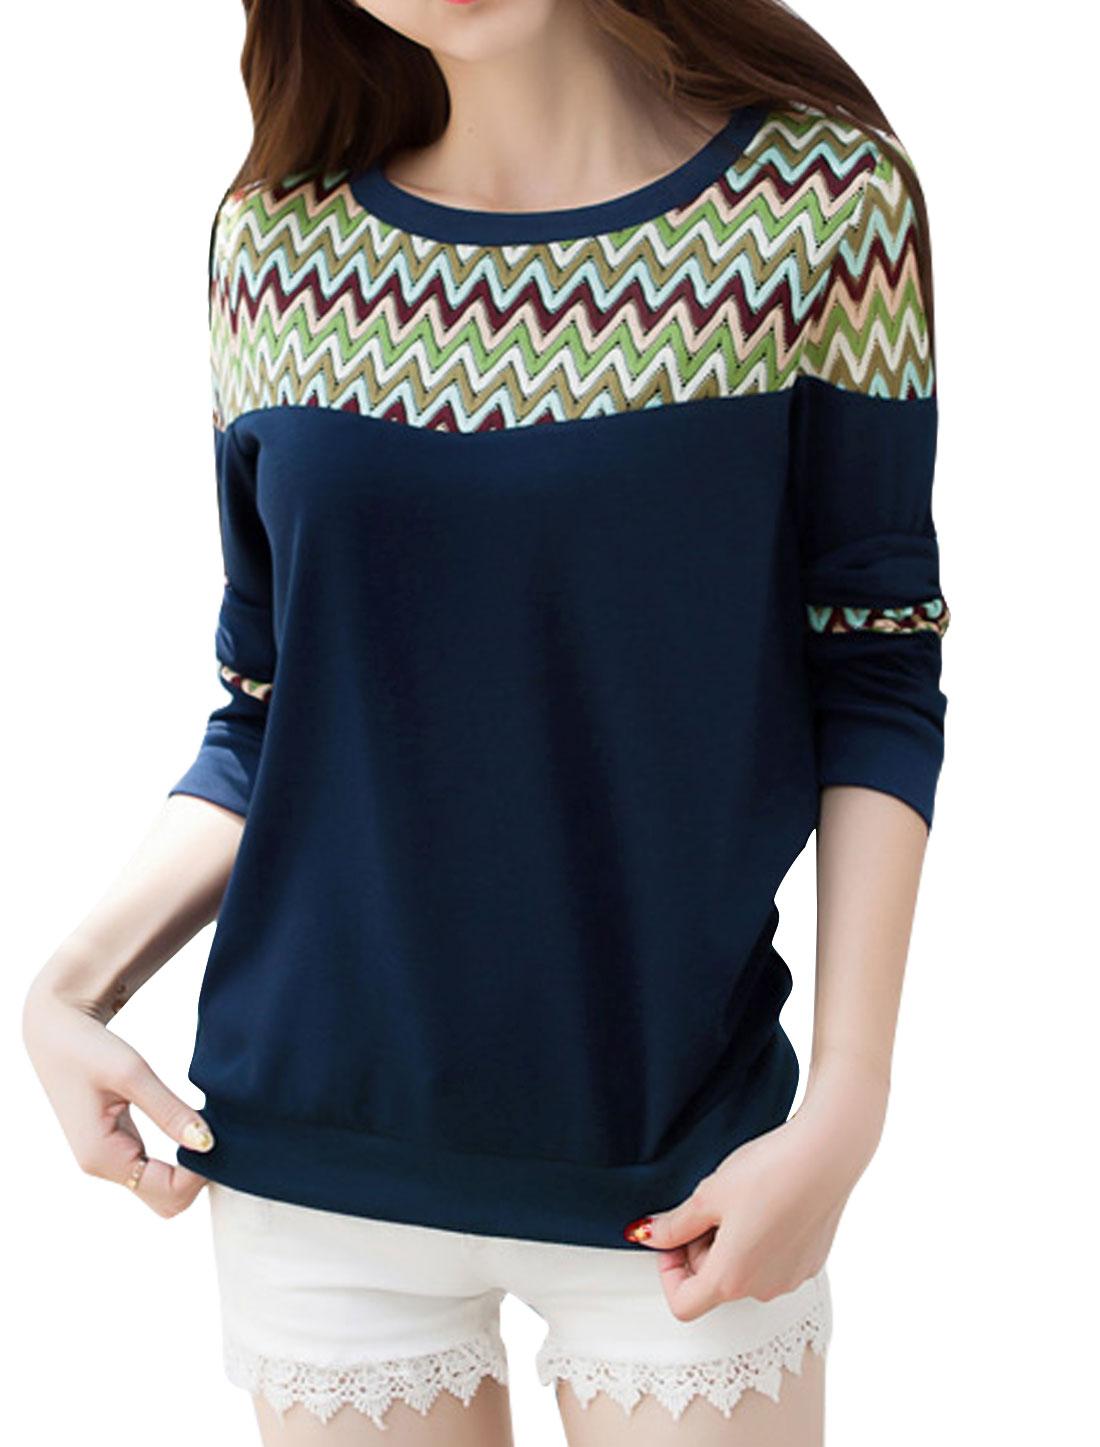 Women Round Neck Zig-zag Design Mesh Panel Sweatshirt Blue M